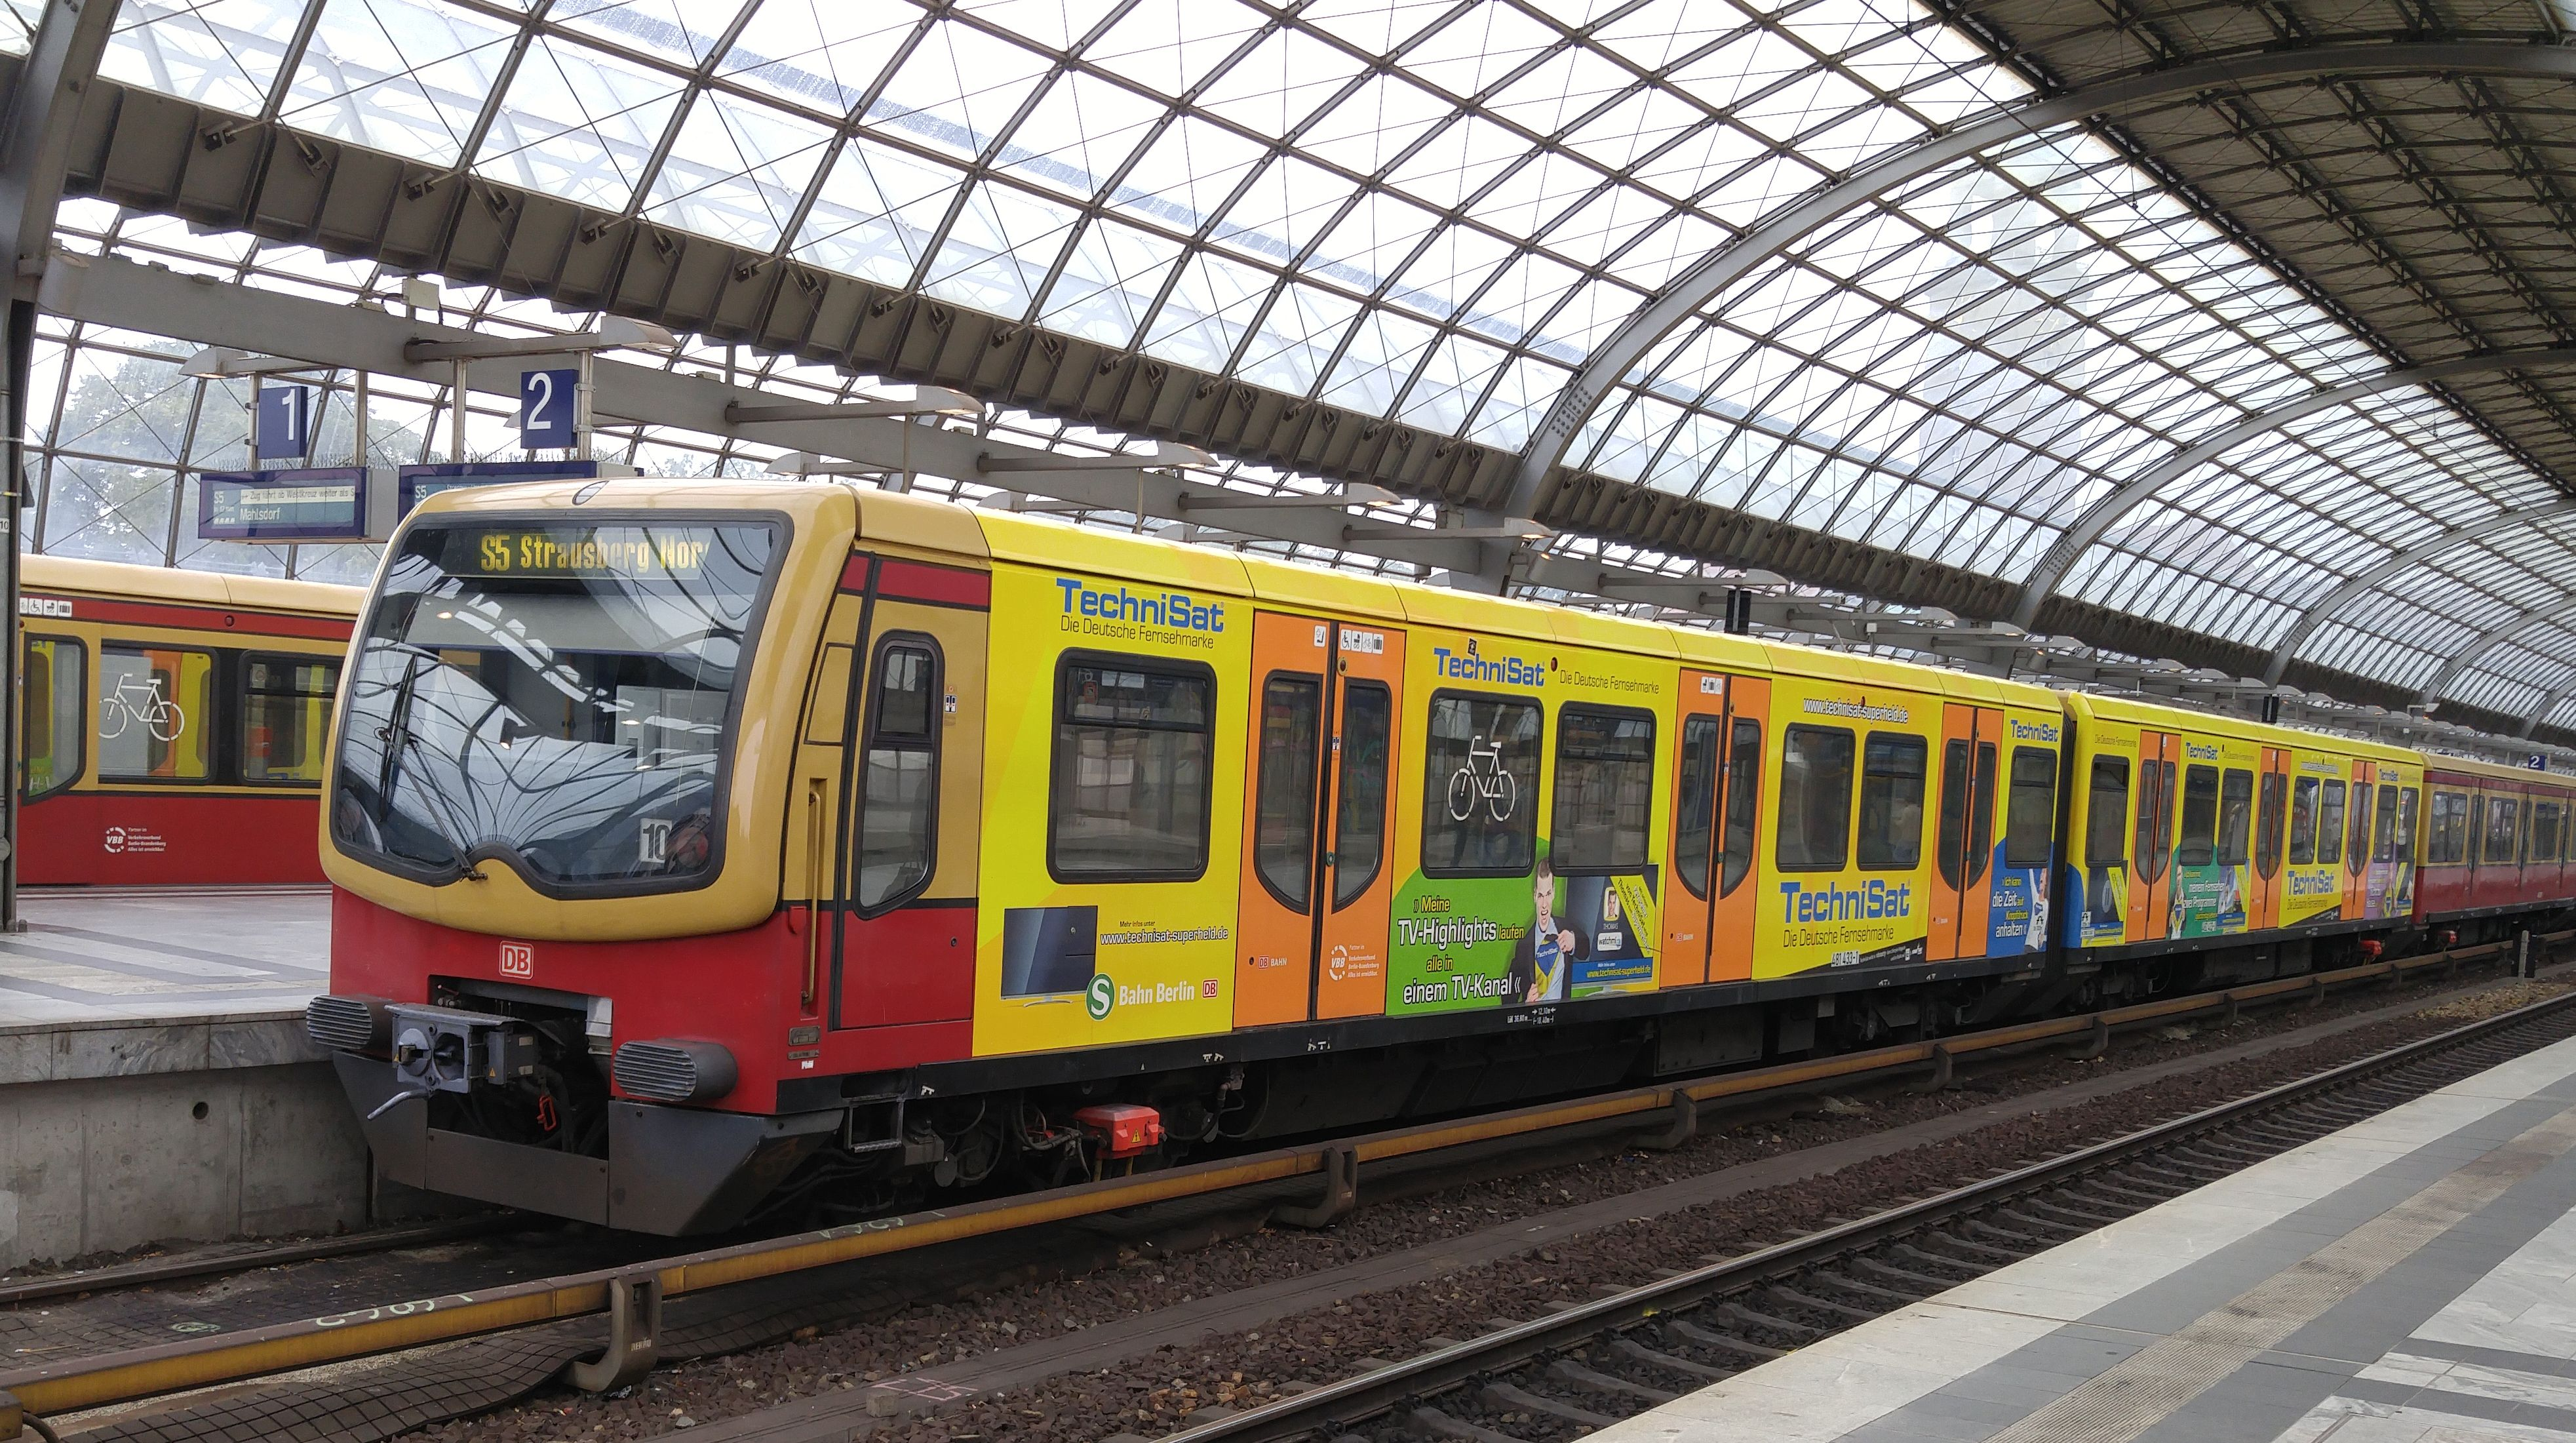 """Foto:S-Bahn 481 433, Baureihe481/482, """"Technisat"""", Spandau, 2017"""